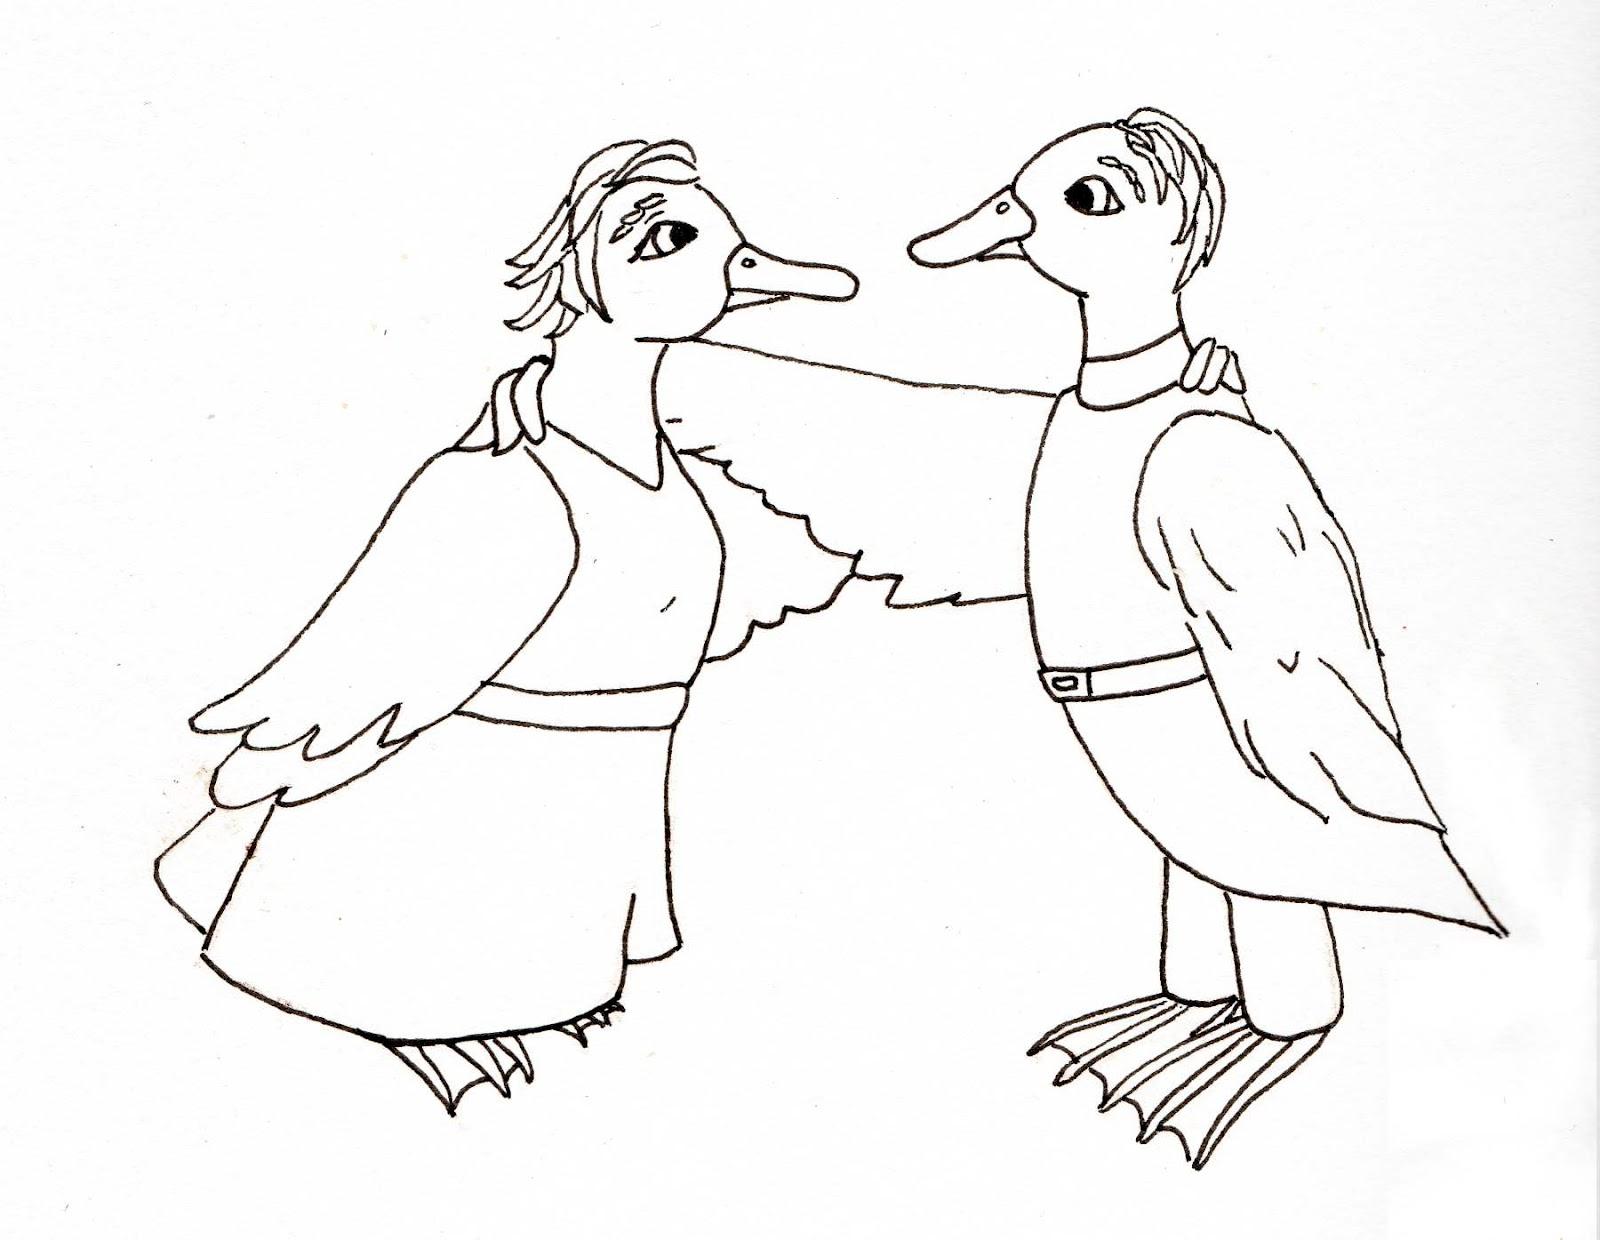 Dani Duck Artist Obscure Line Drawing The Ducks